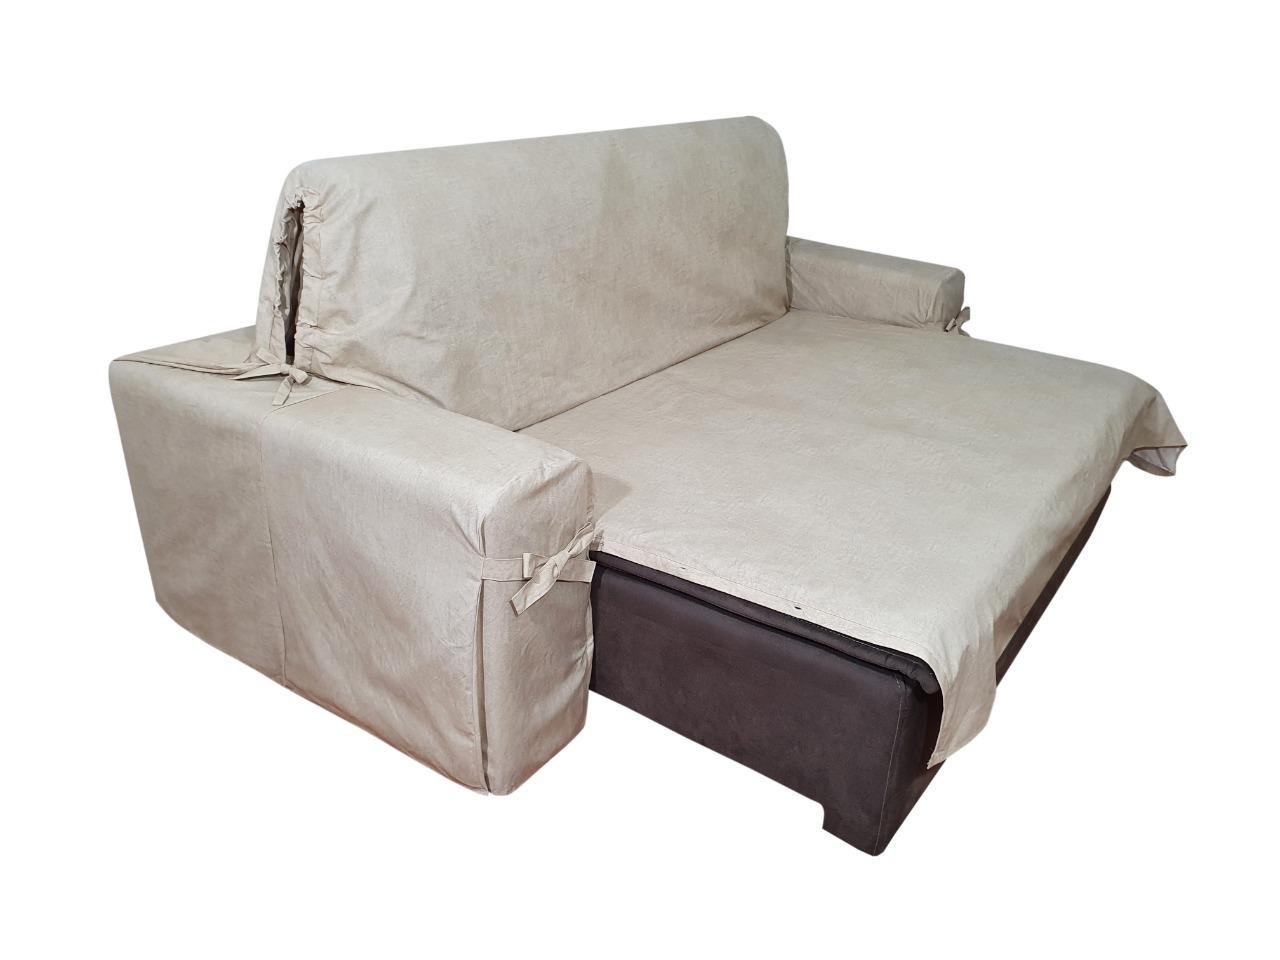 Capa p/ Sofá Retrátil e Reclinável em Acquablock Impermeável BEGE - Veste Sofás de 2,36m até 2,65m